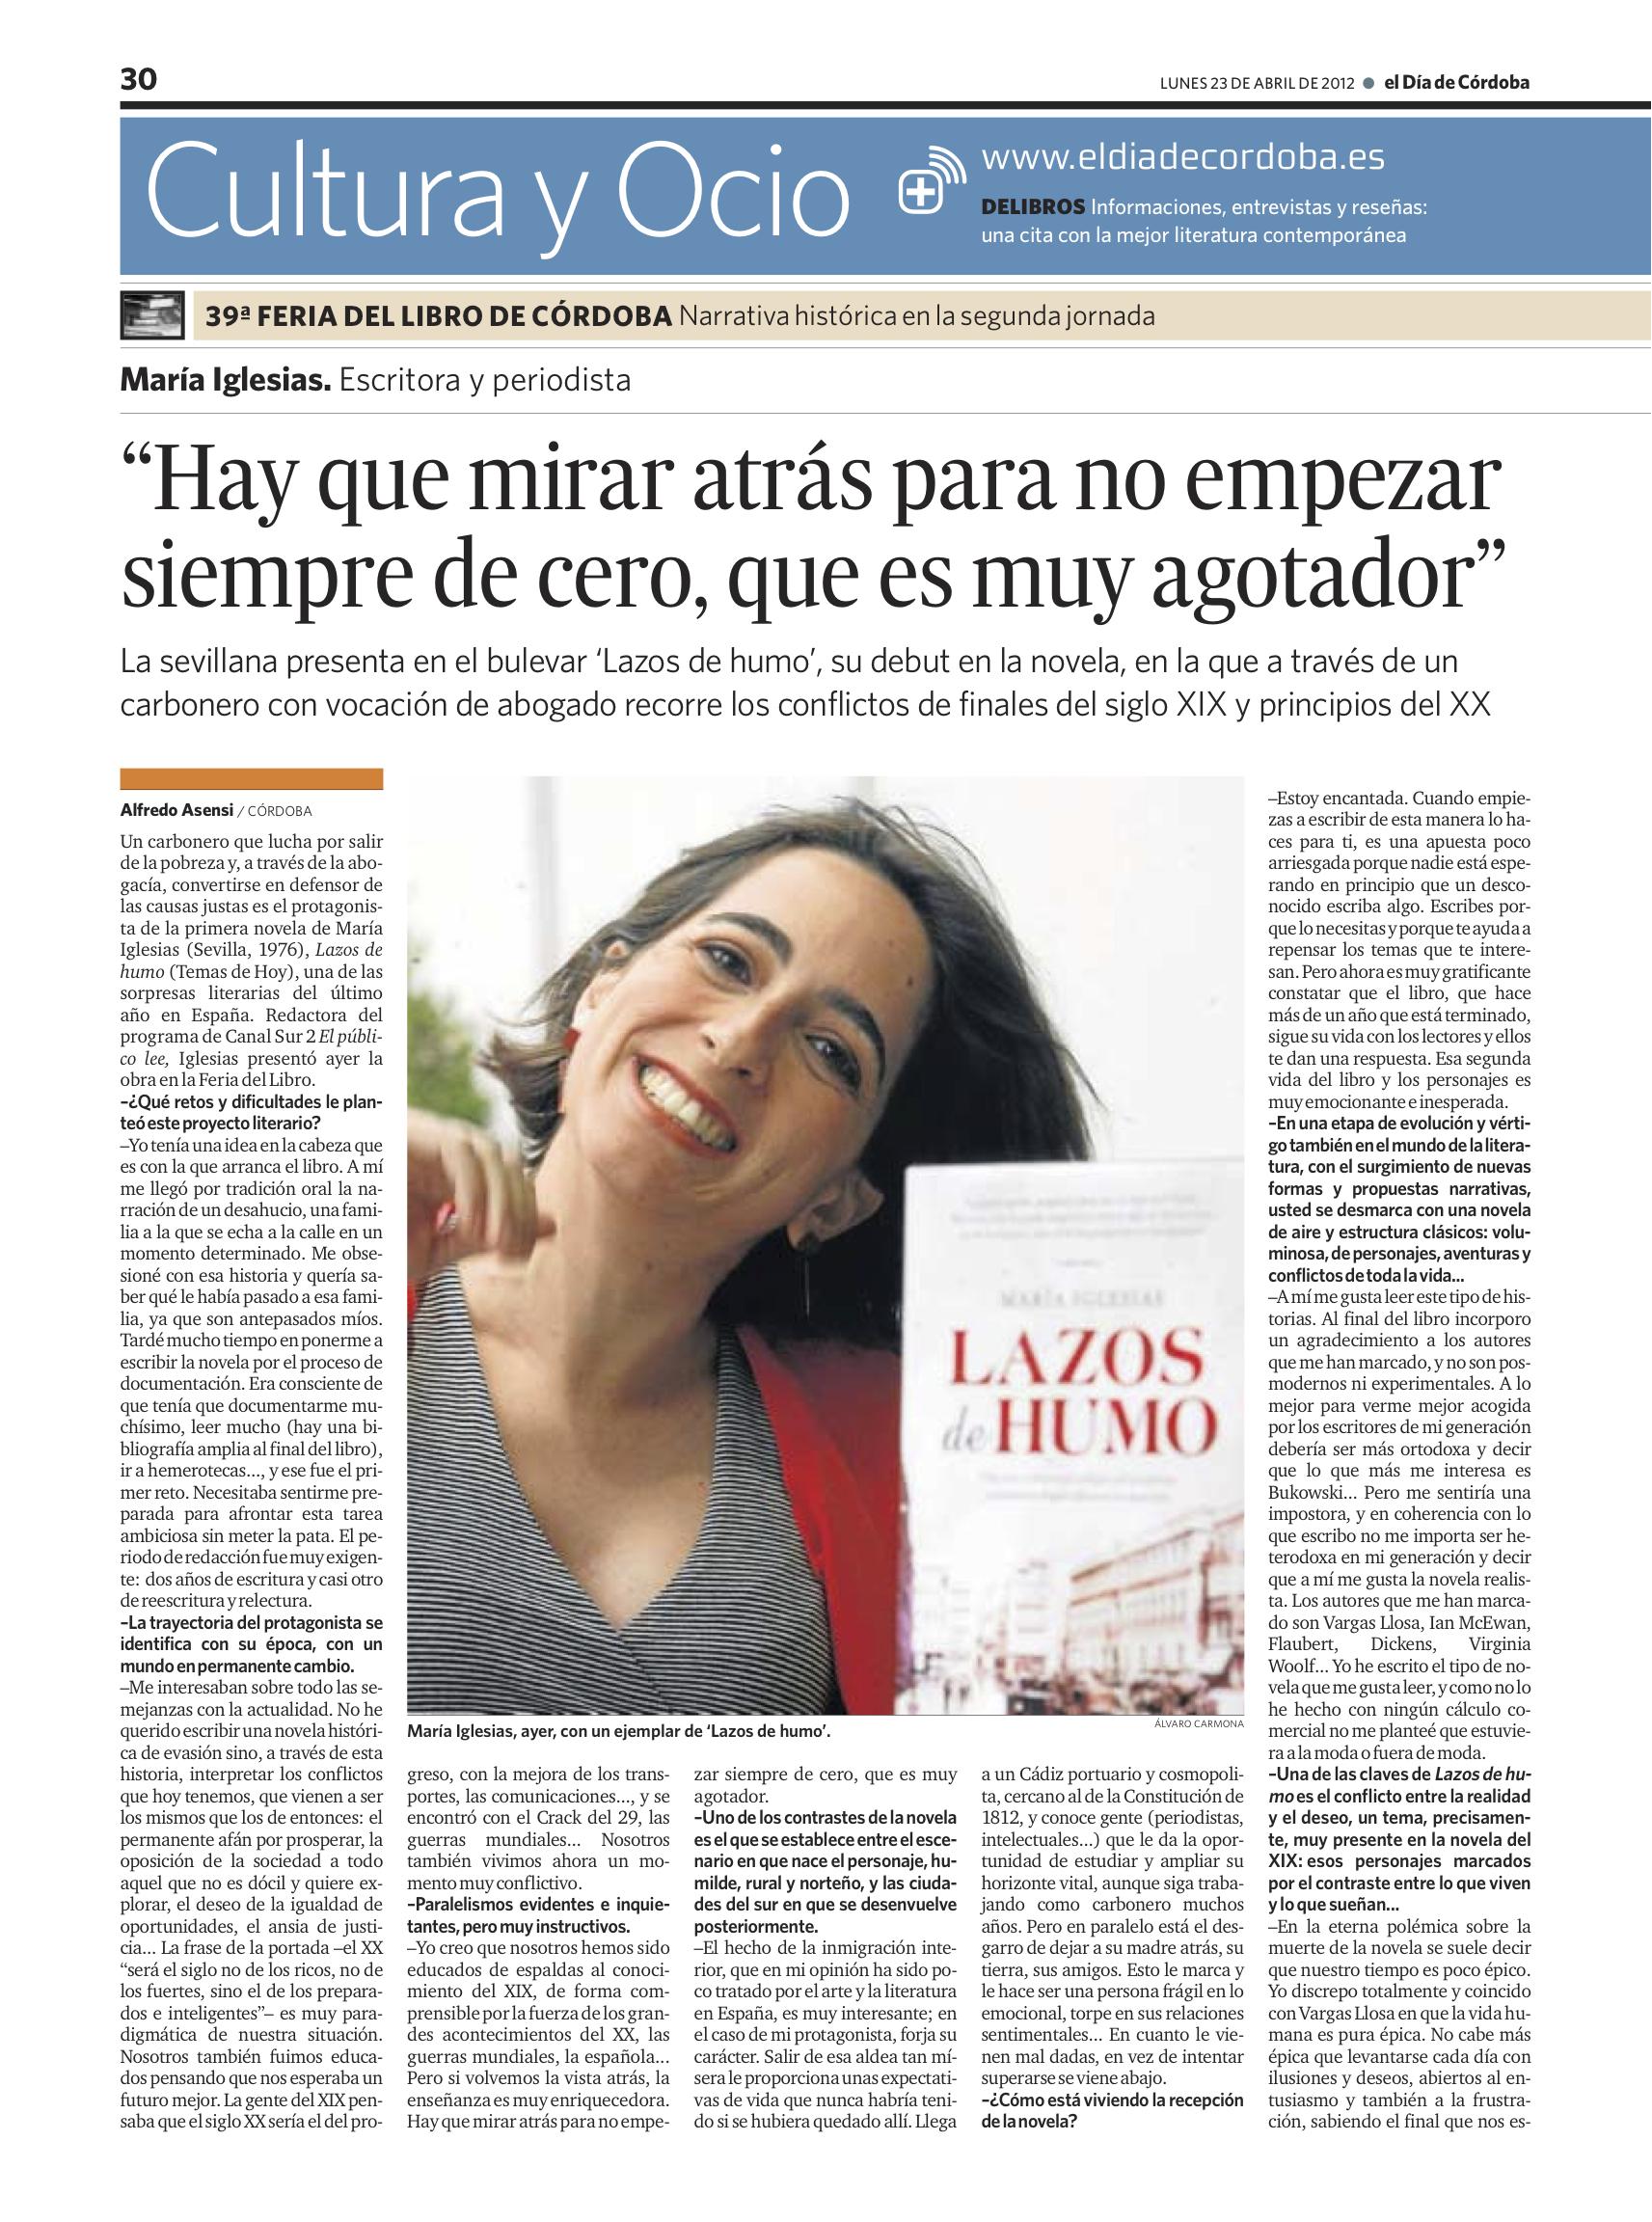 39a Feria del libro de Córdoba - Lazos de Humo